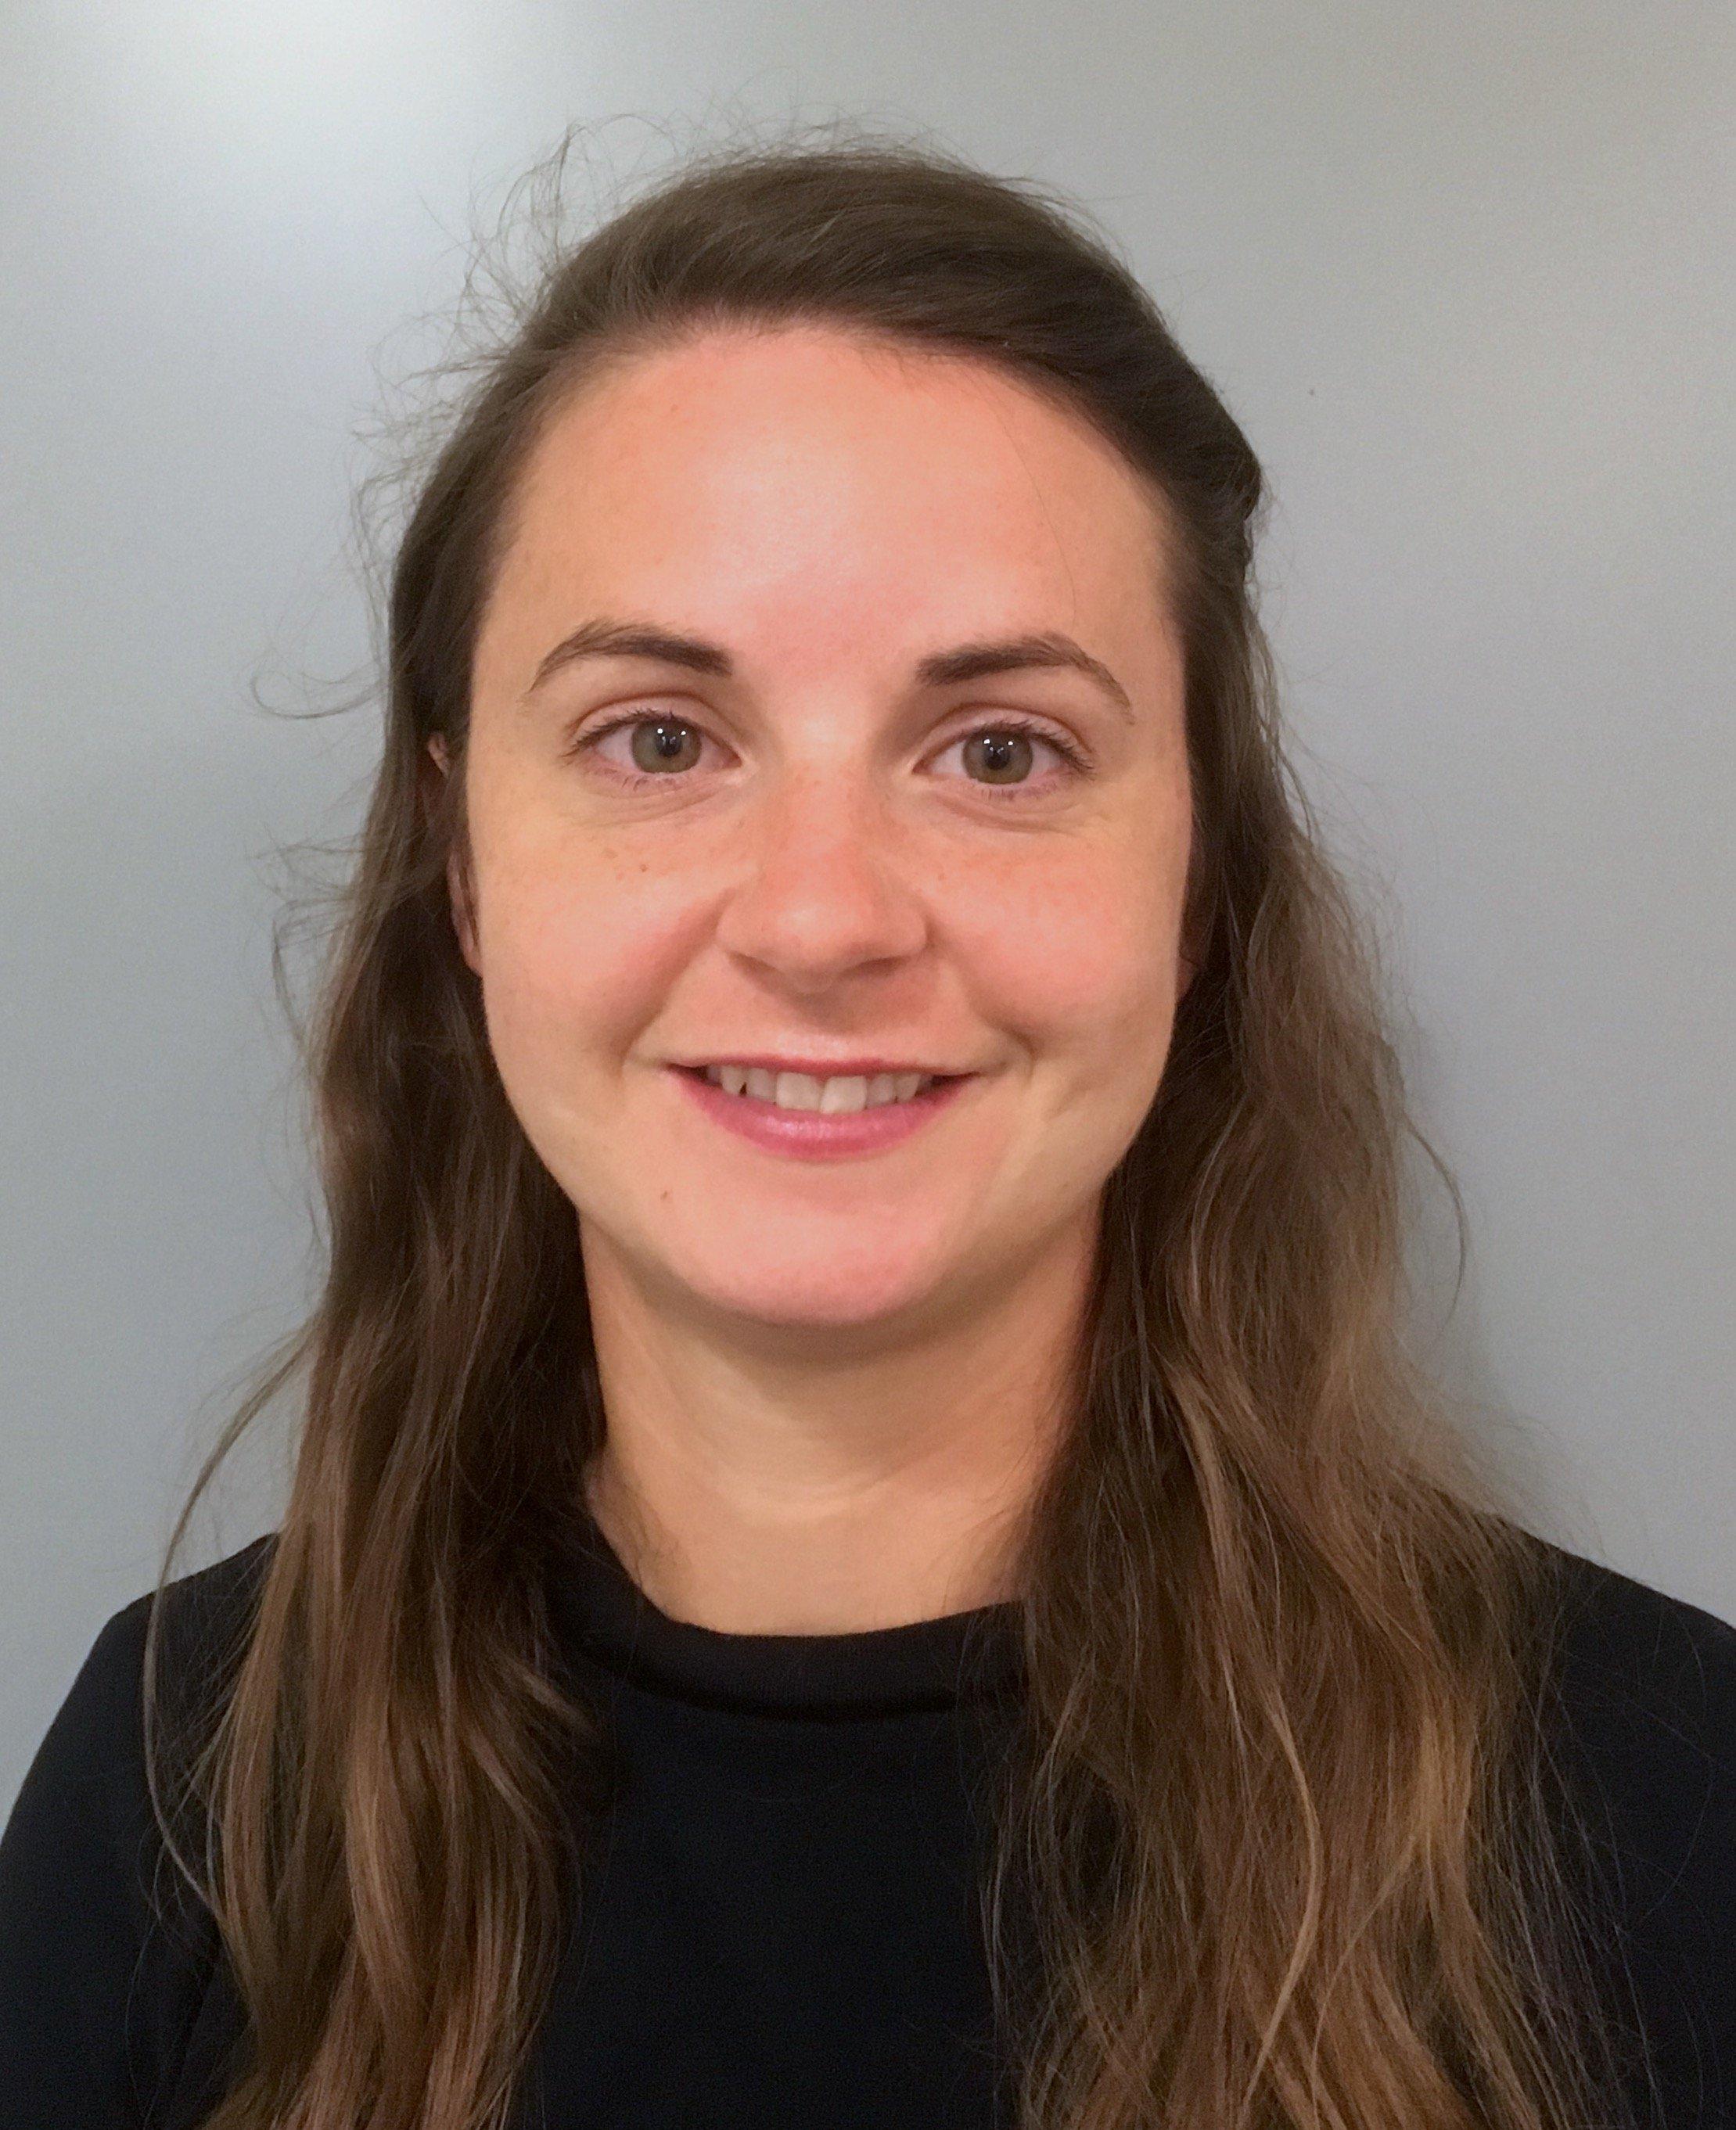 Anna Drost Svendsen